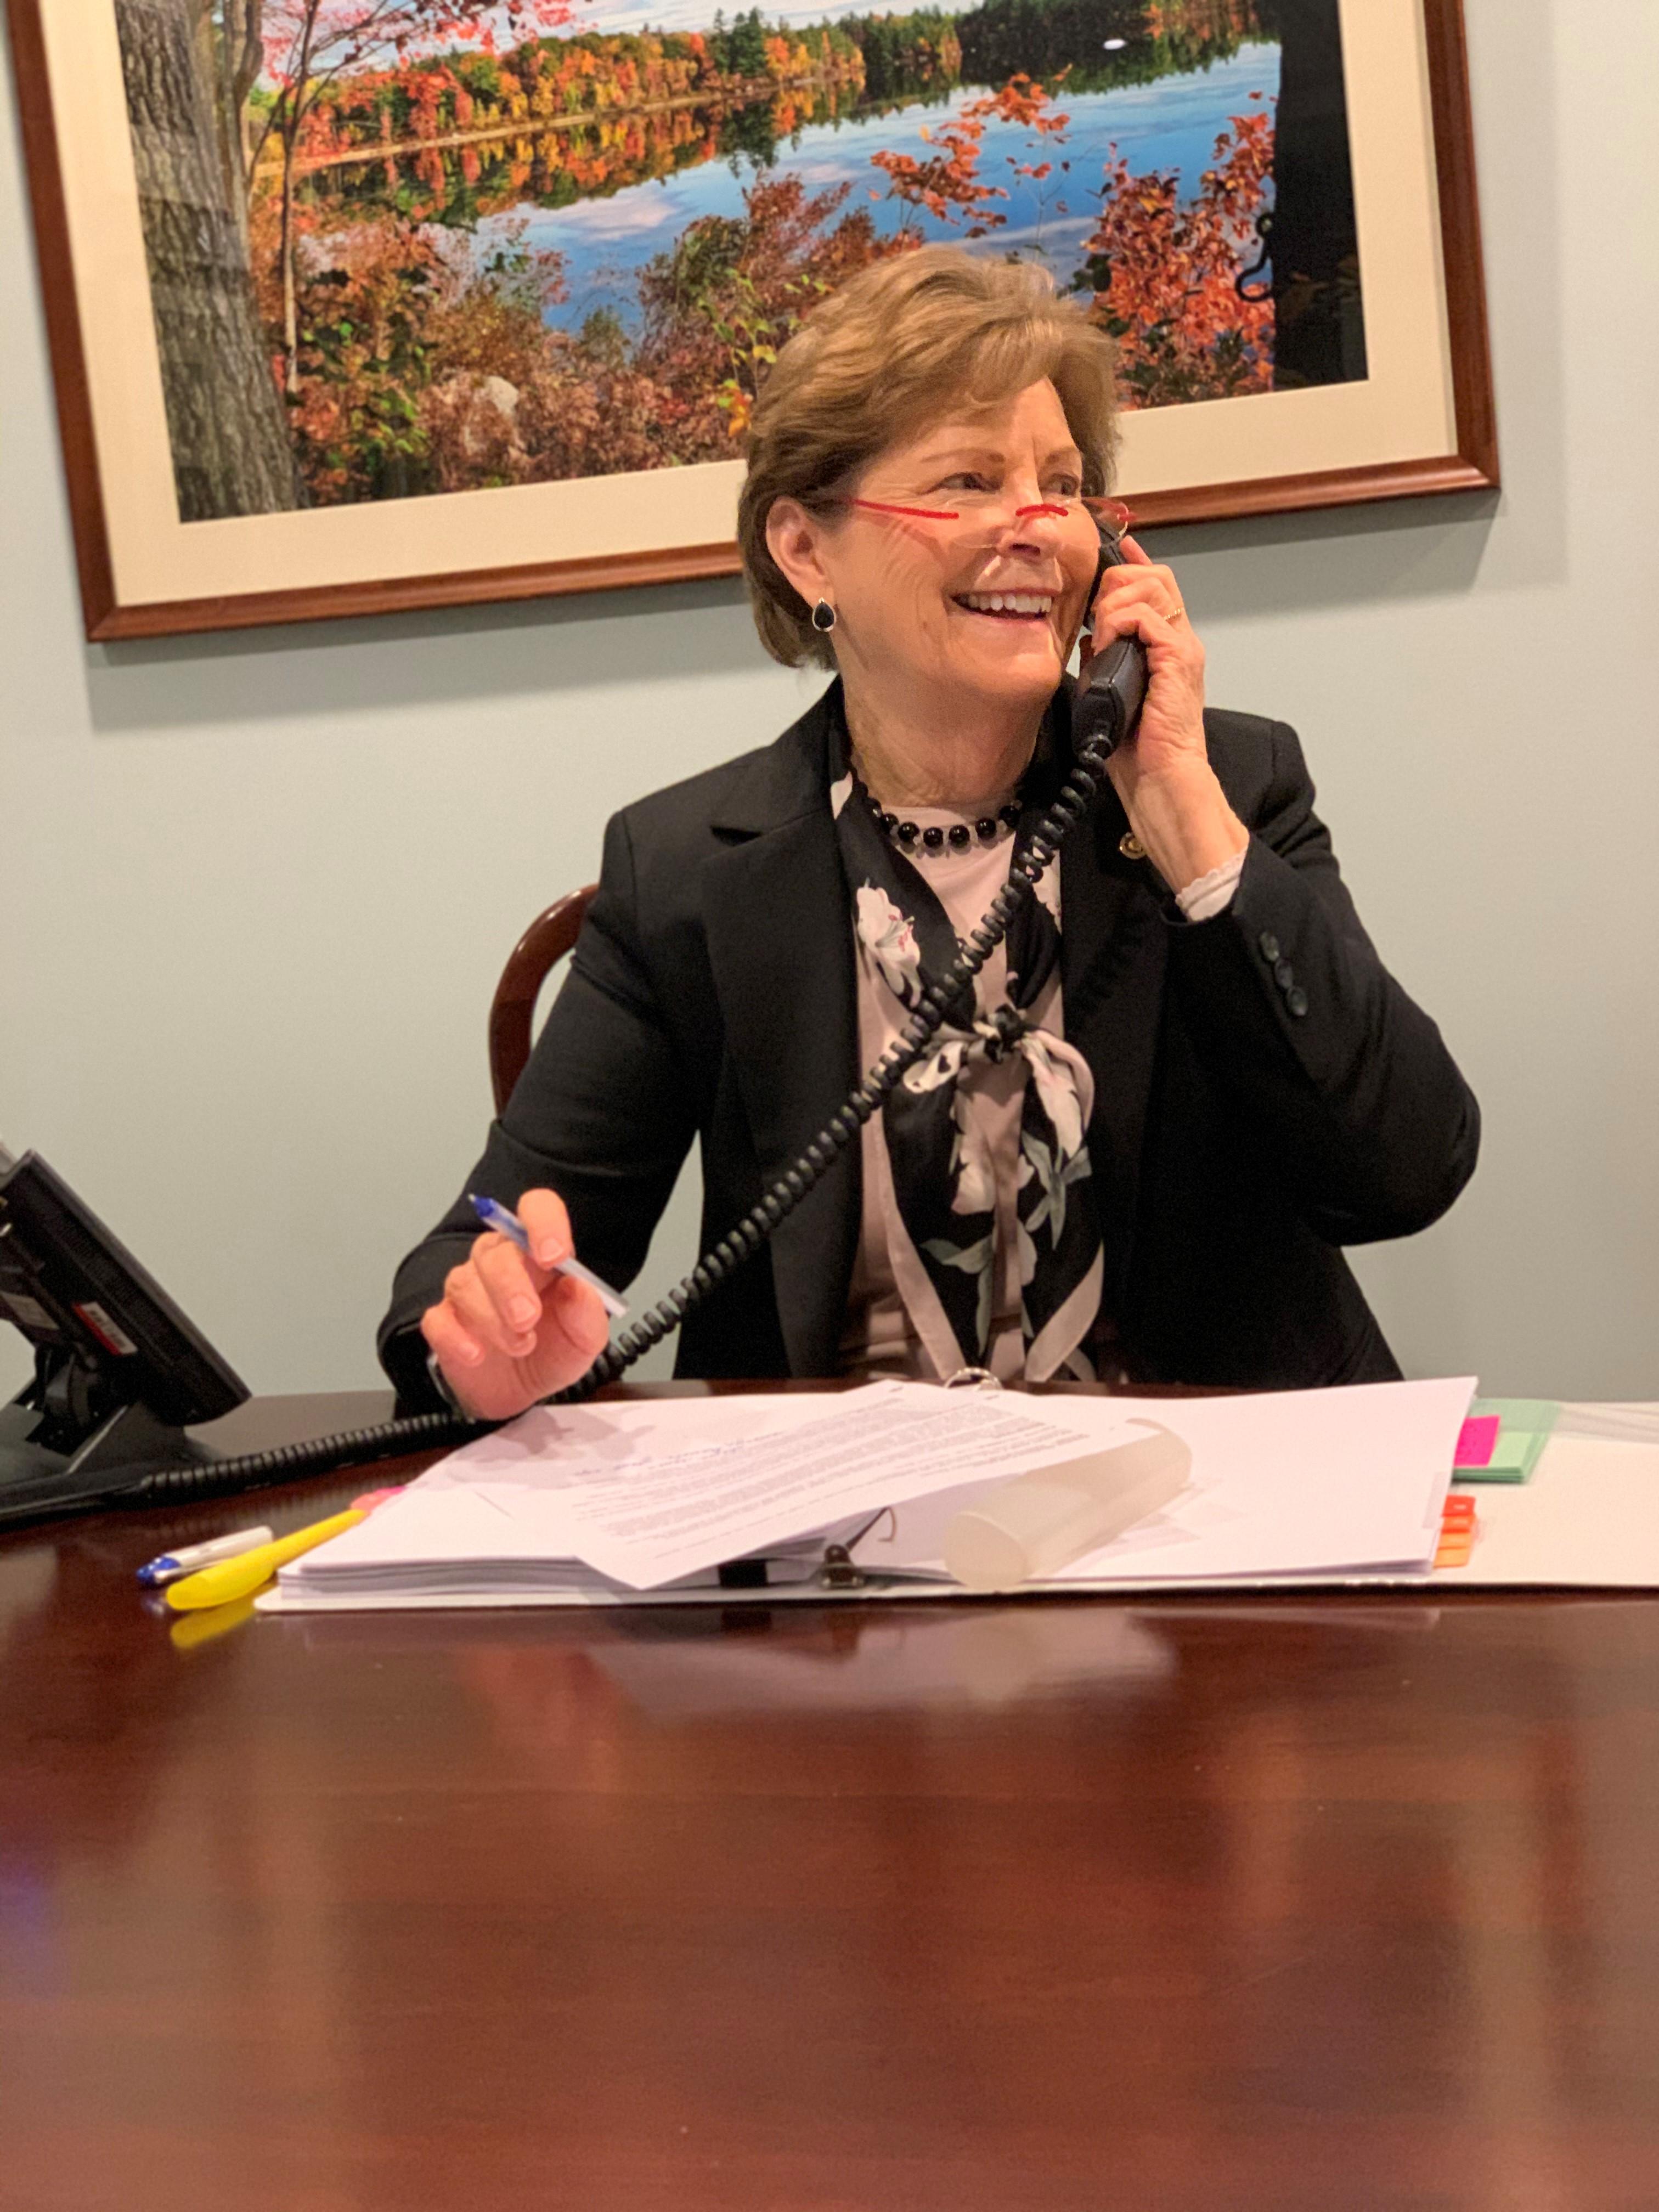 Senator Shaheen speaking to Andrea Krull